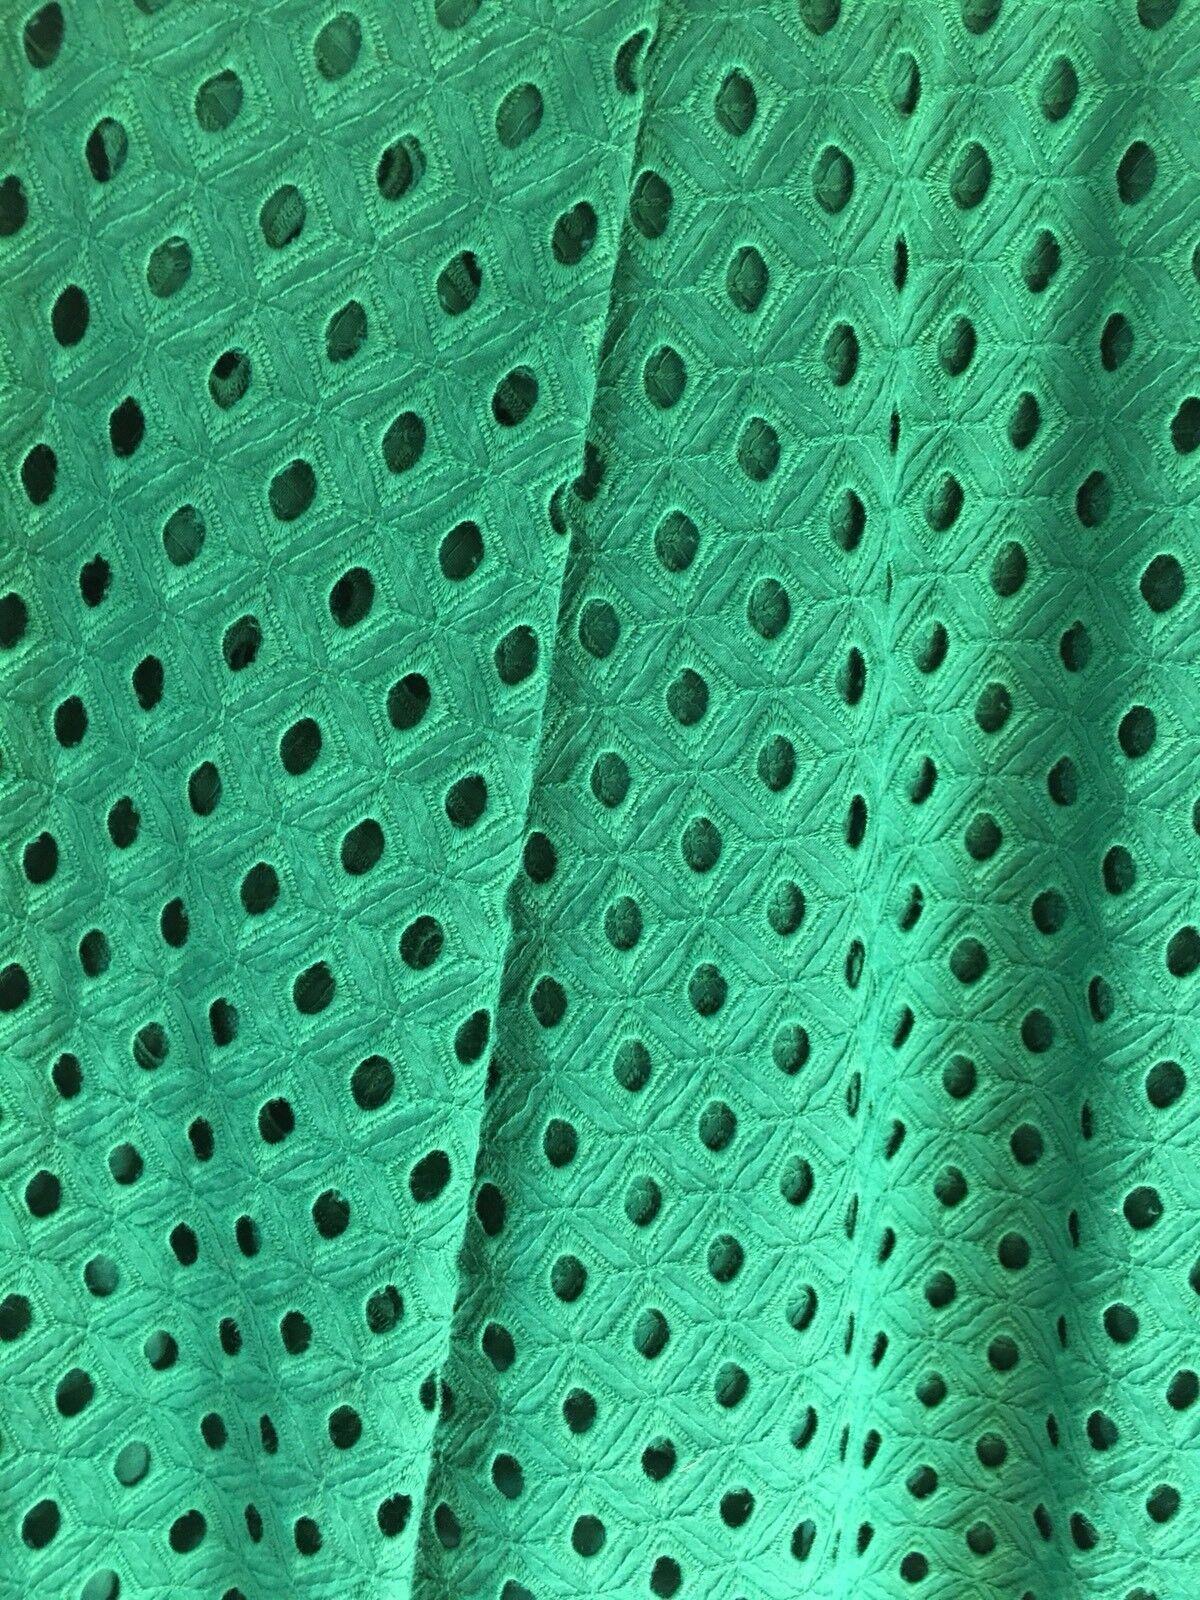 Other Stories Kleid Gr. 40 grün       | Spezielle Funktion  | Reparieren  | Spielzeugwelt, glücklich und grenzenlos  f2fd08